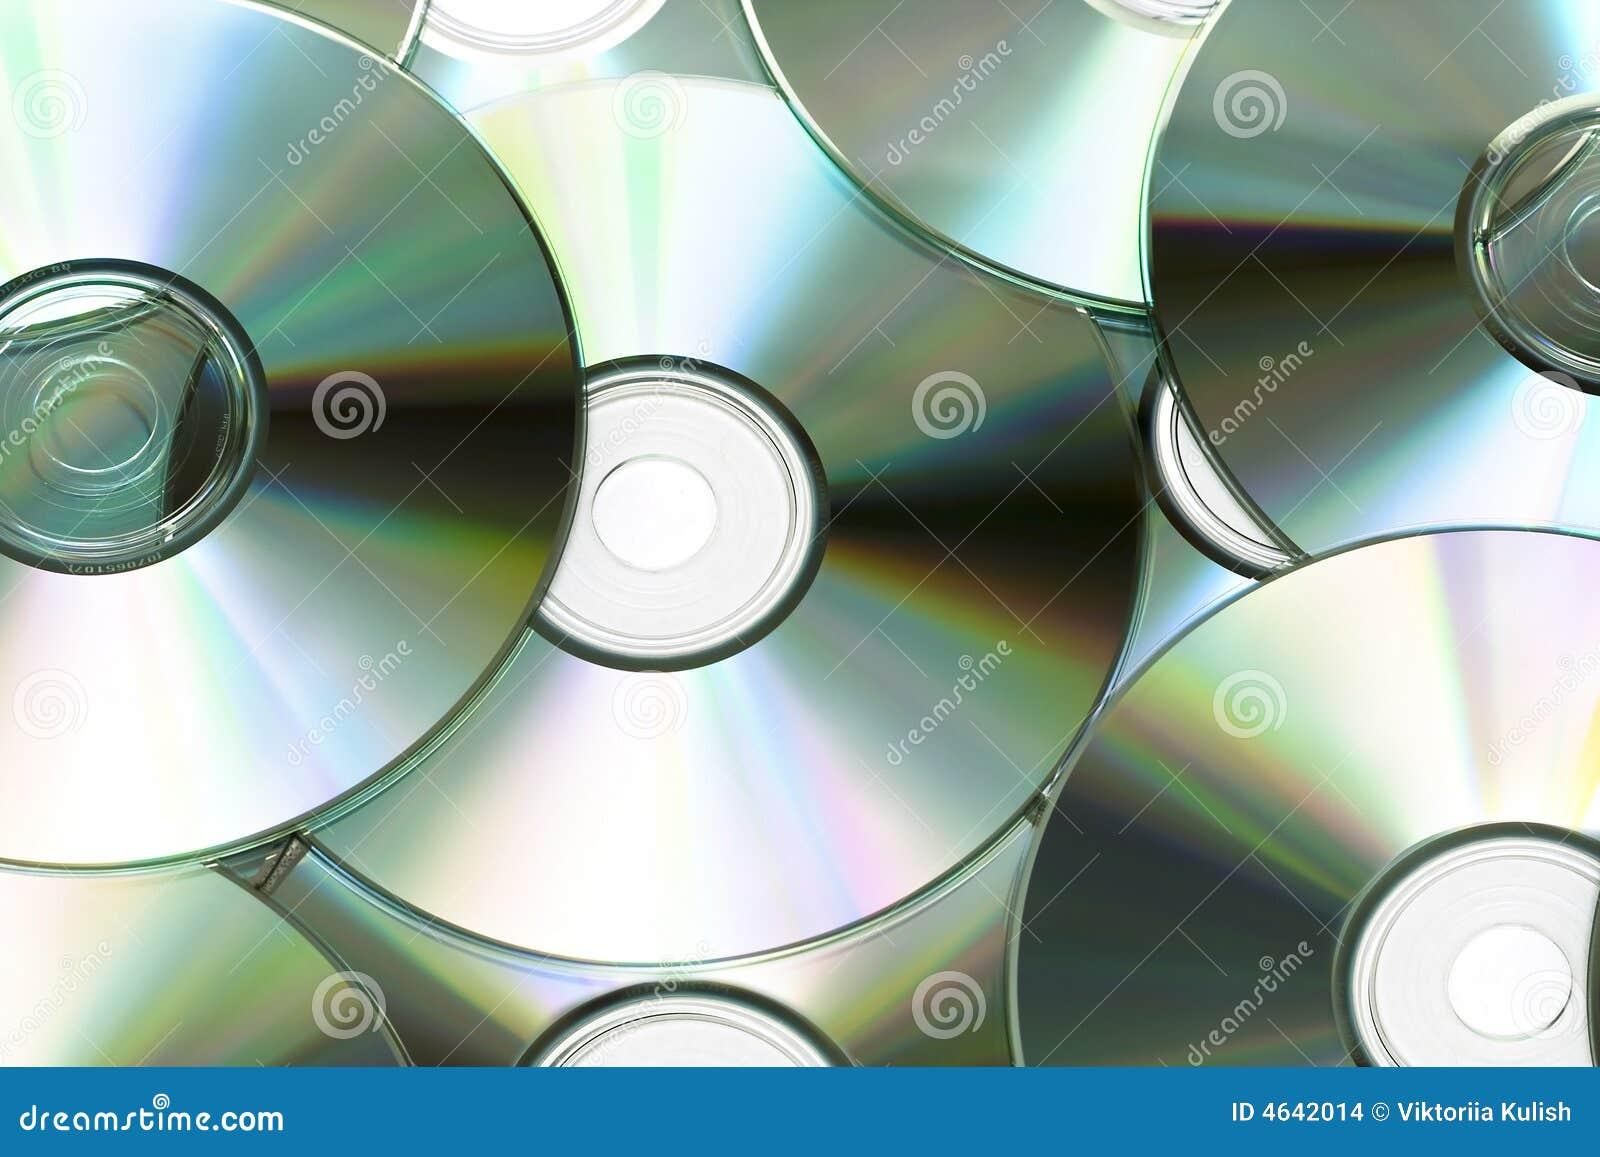 Cd romes dvd